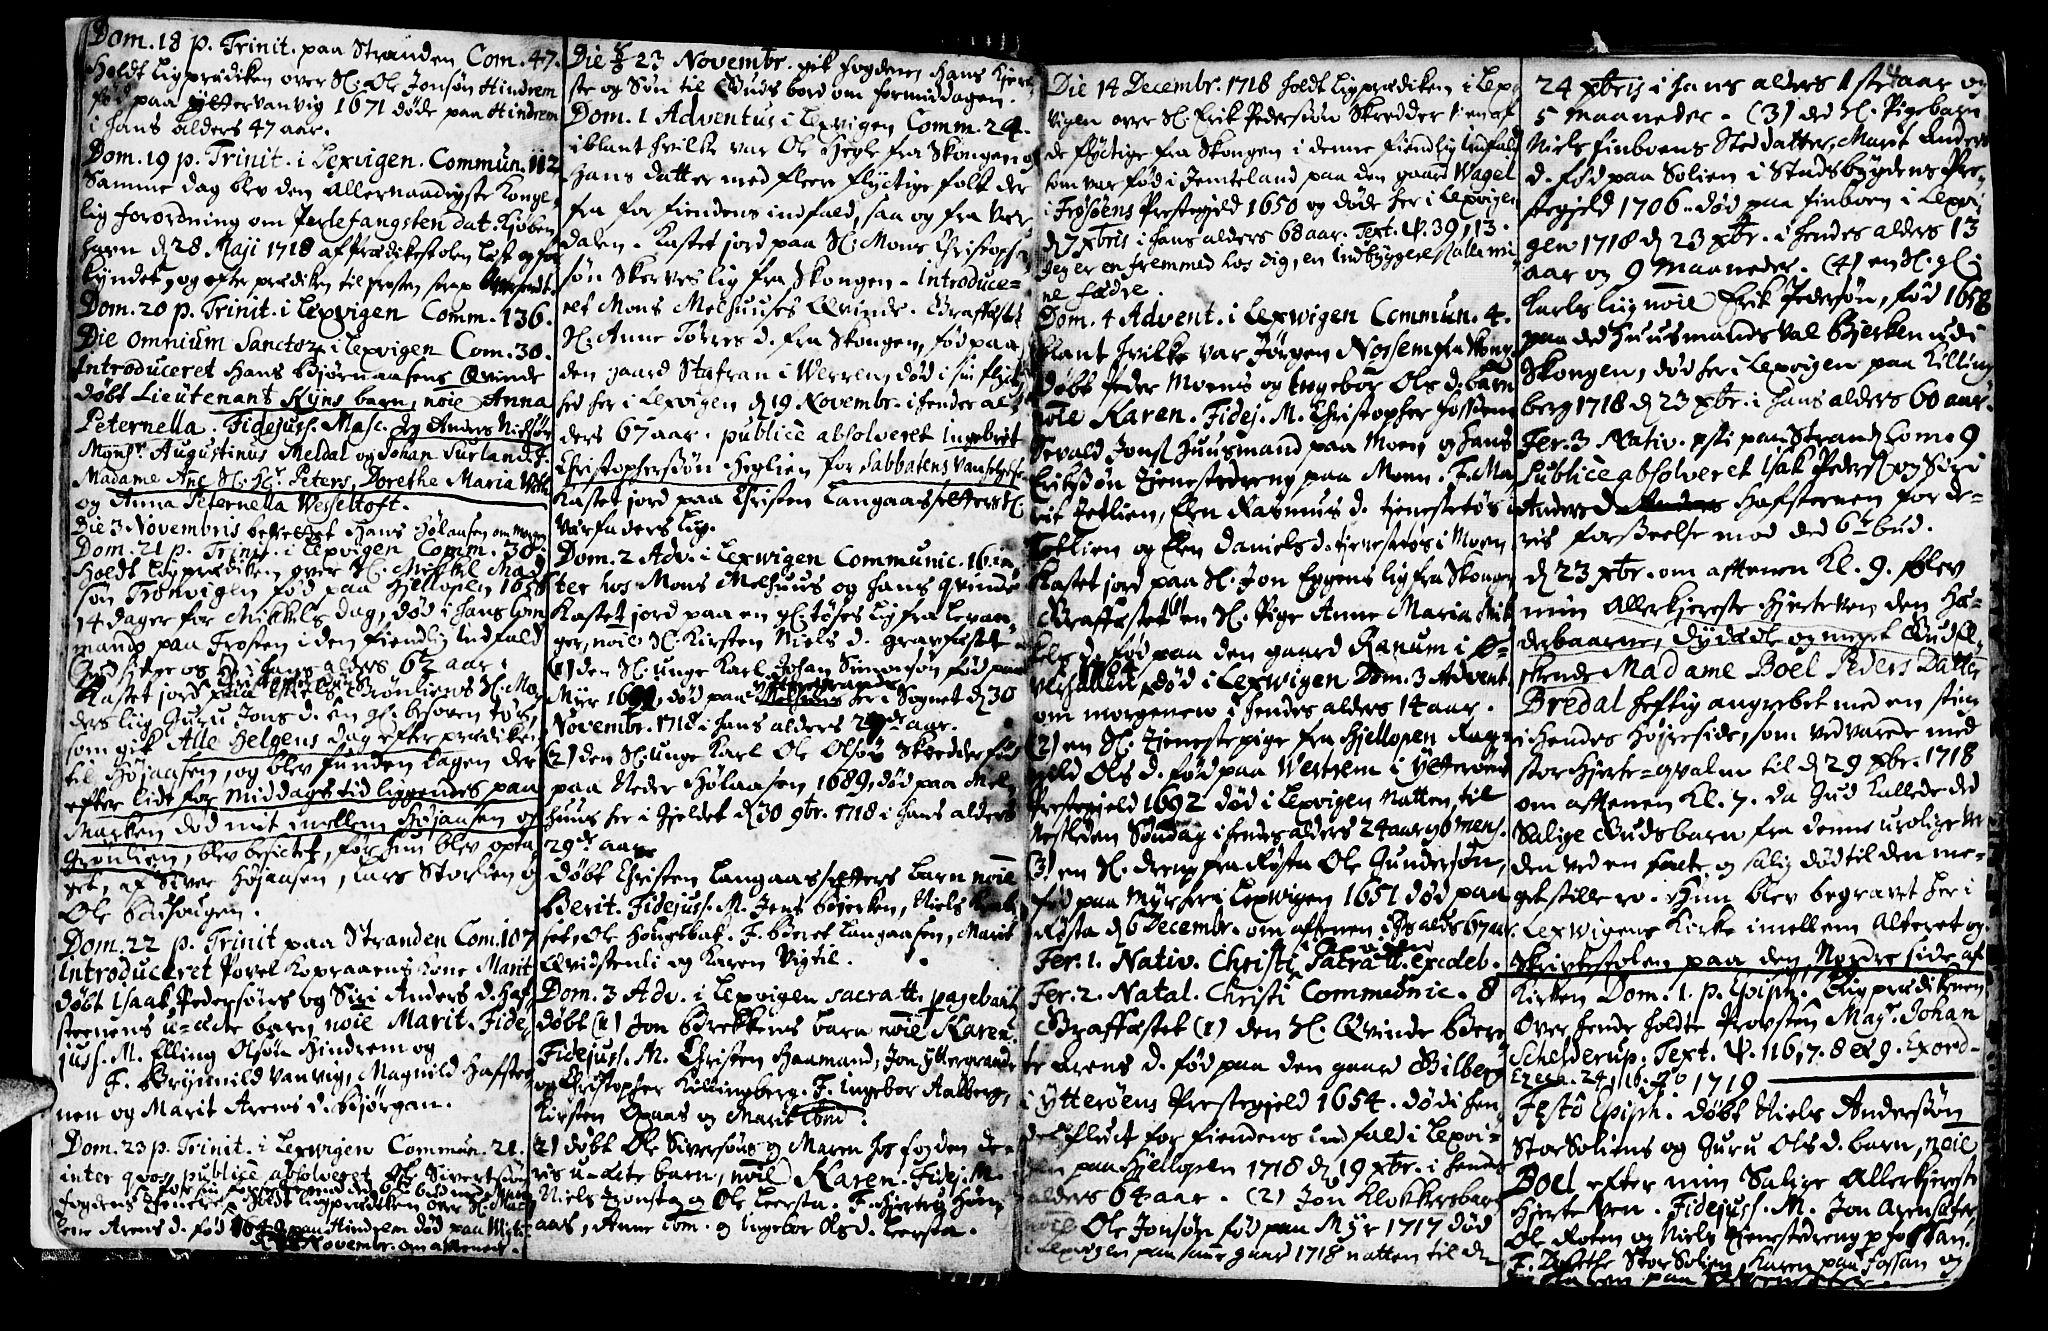 SAT, Ministerialprotokoller, klokkerbøker og fødselsregistre - Nord-Trøndelag, 701/L0001: Ministerialbok nr. 701A01, 1717-1731, s. 4